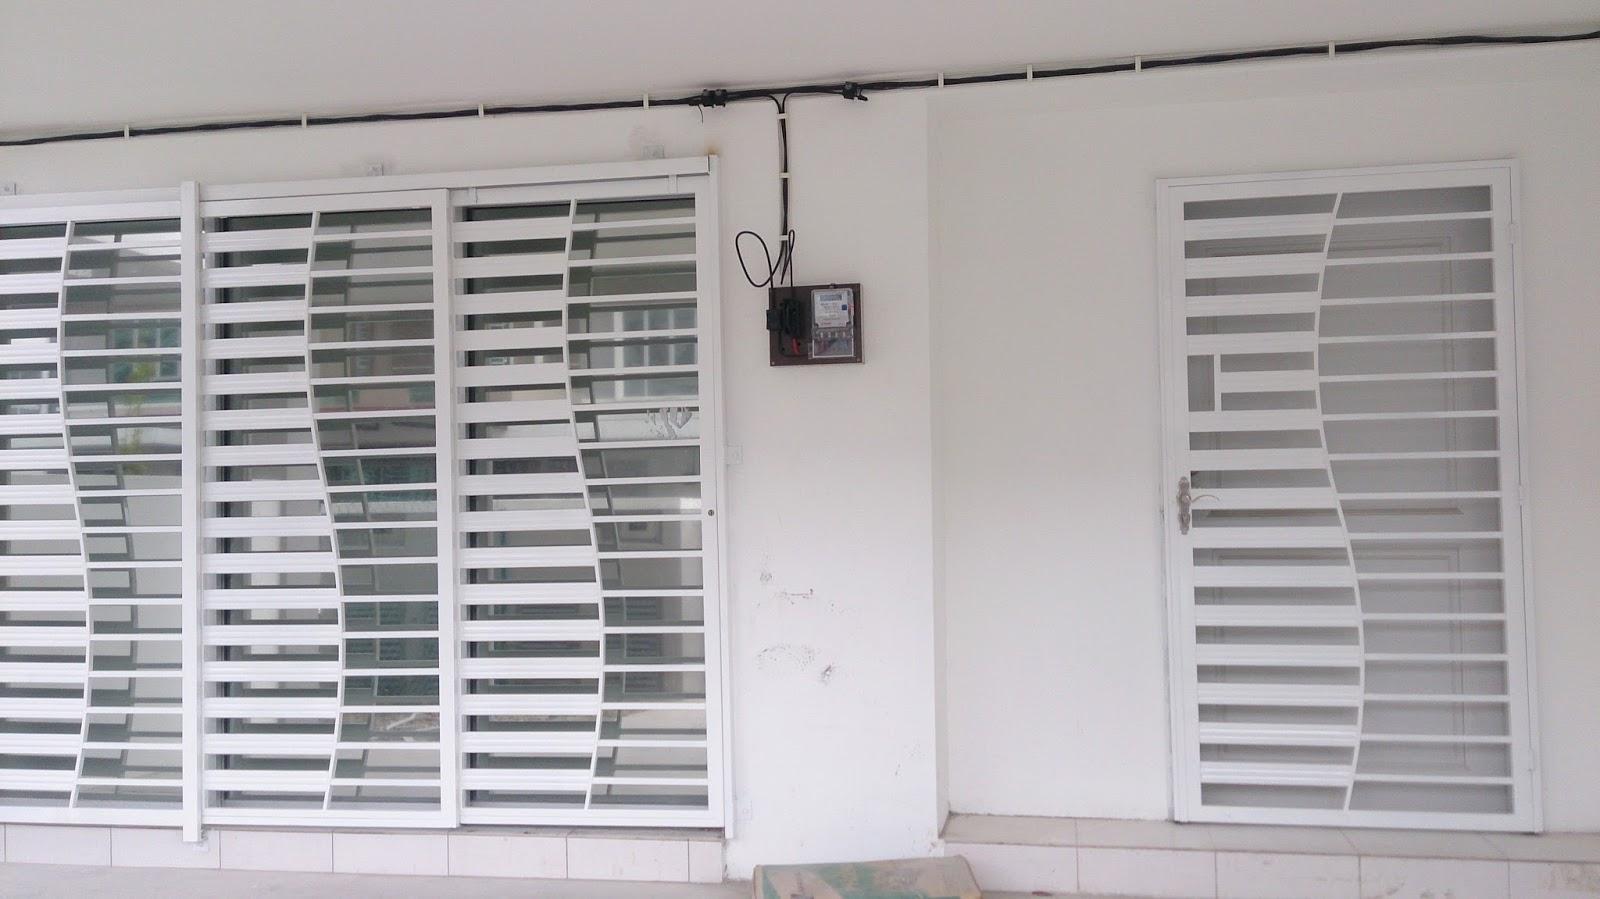 Ikut Harga Kami Deal Rm2250 Untuk Semua Pintu Tingkap Satu Rumah Tapi Bahagian Belakang Pelan Asal Masa Ada 2